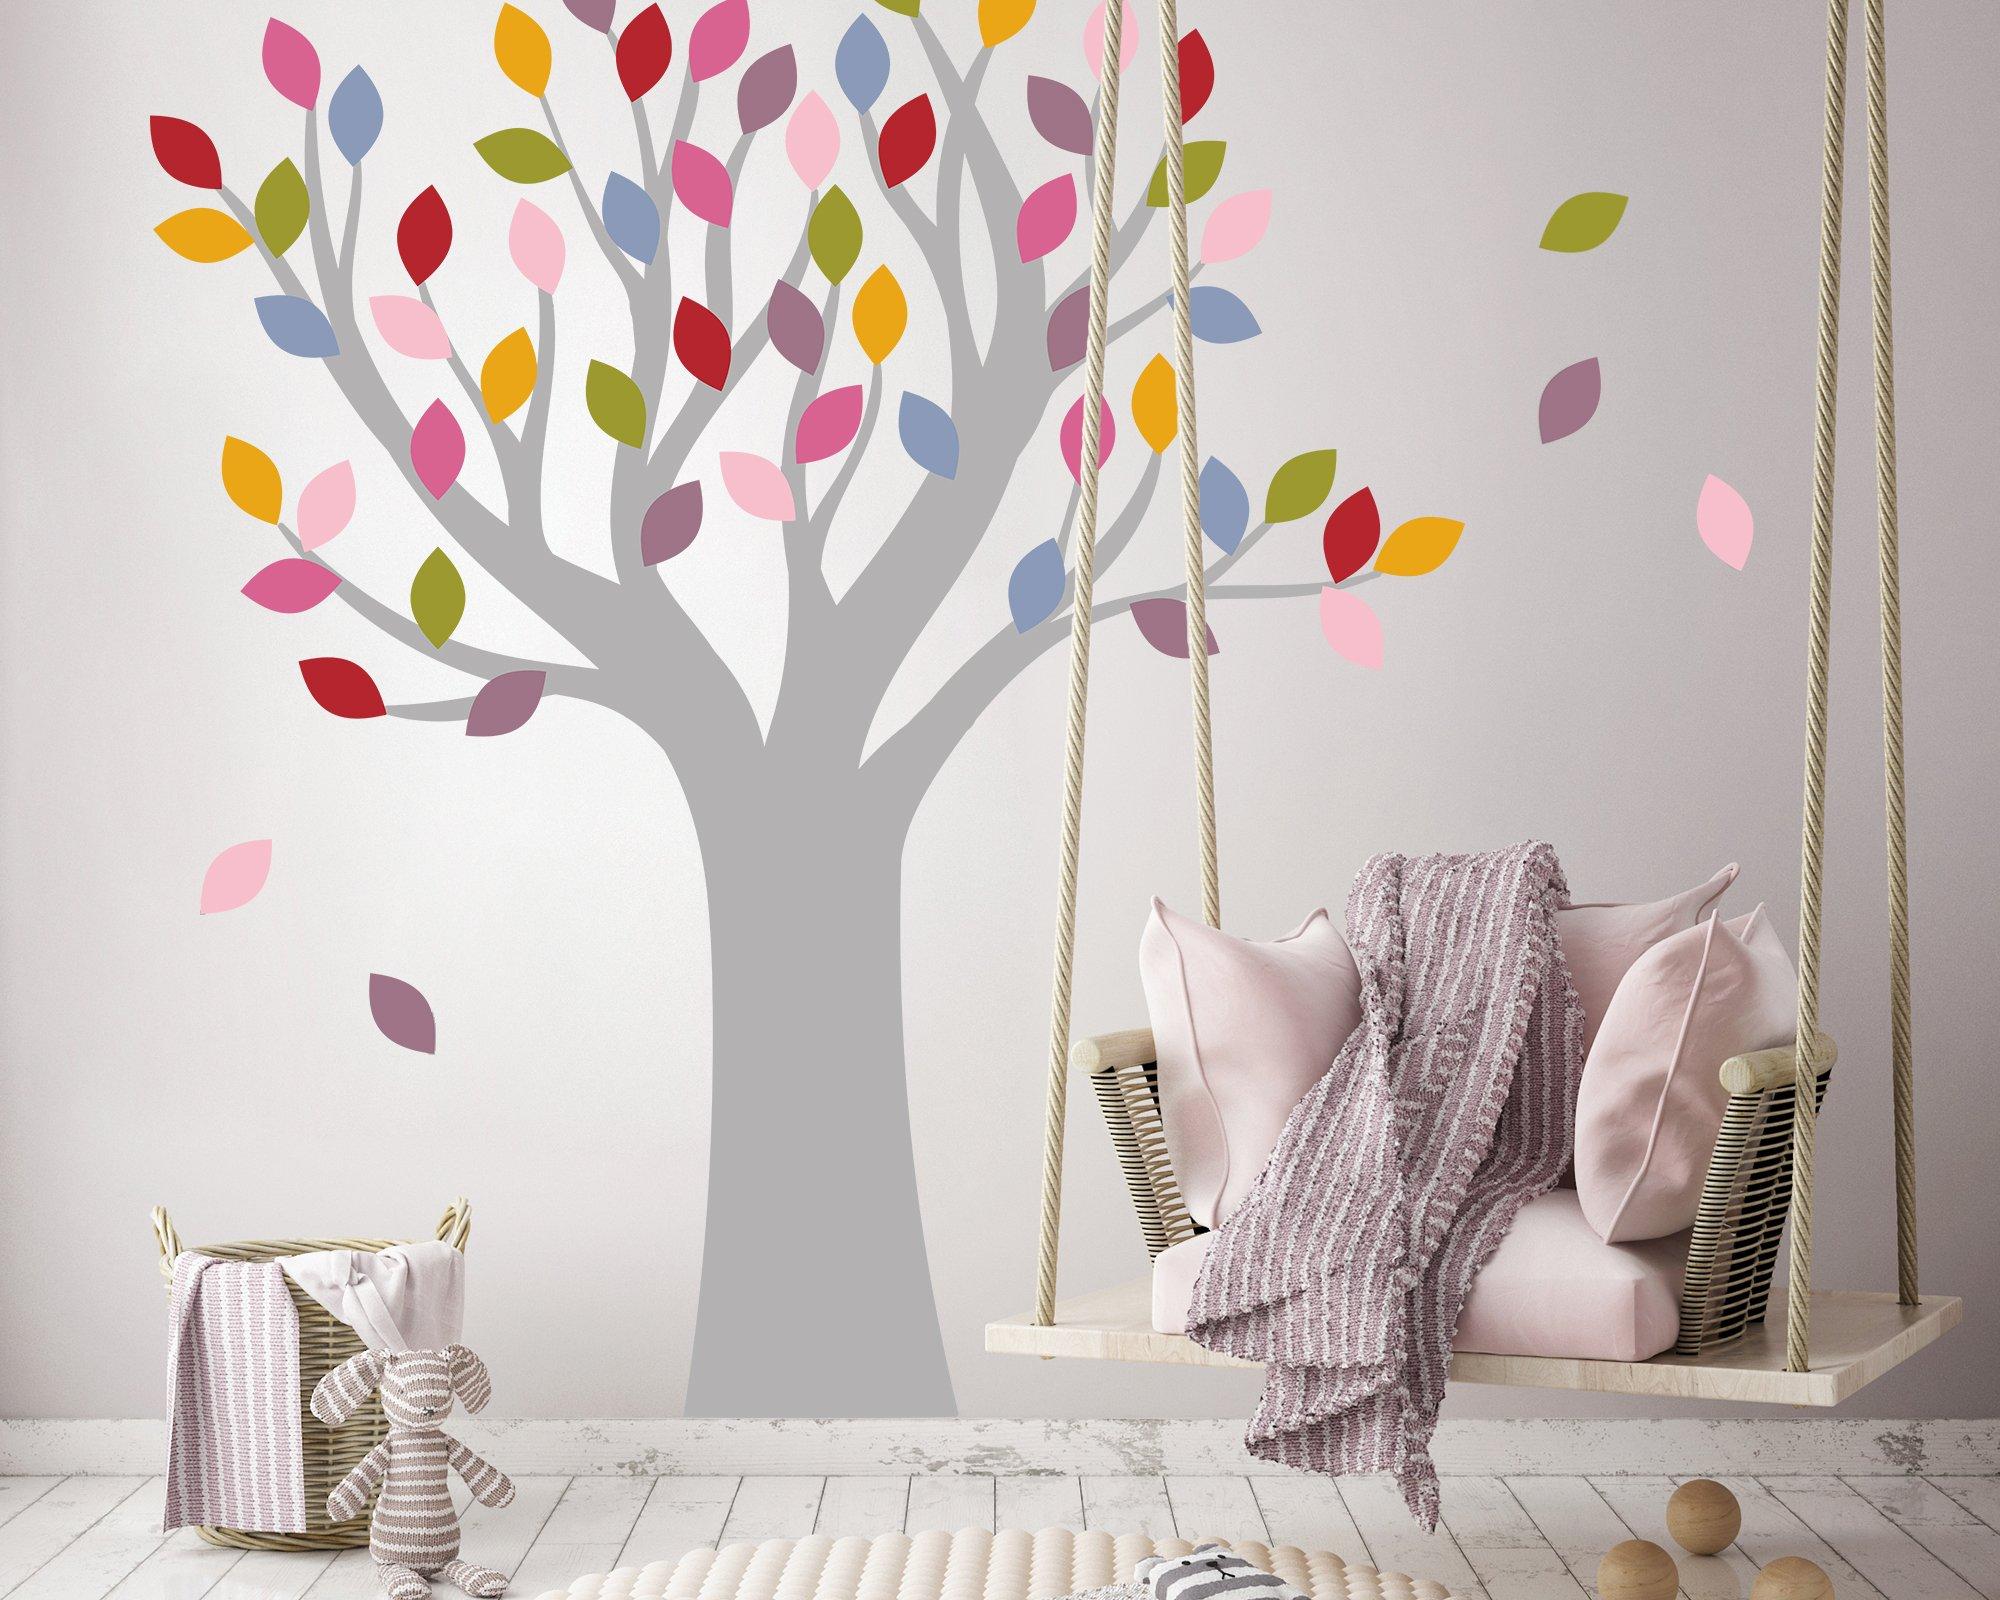 Wandtattoos, damit Sie das Kinderzimmer verzaubern können